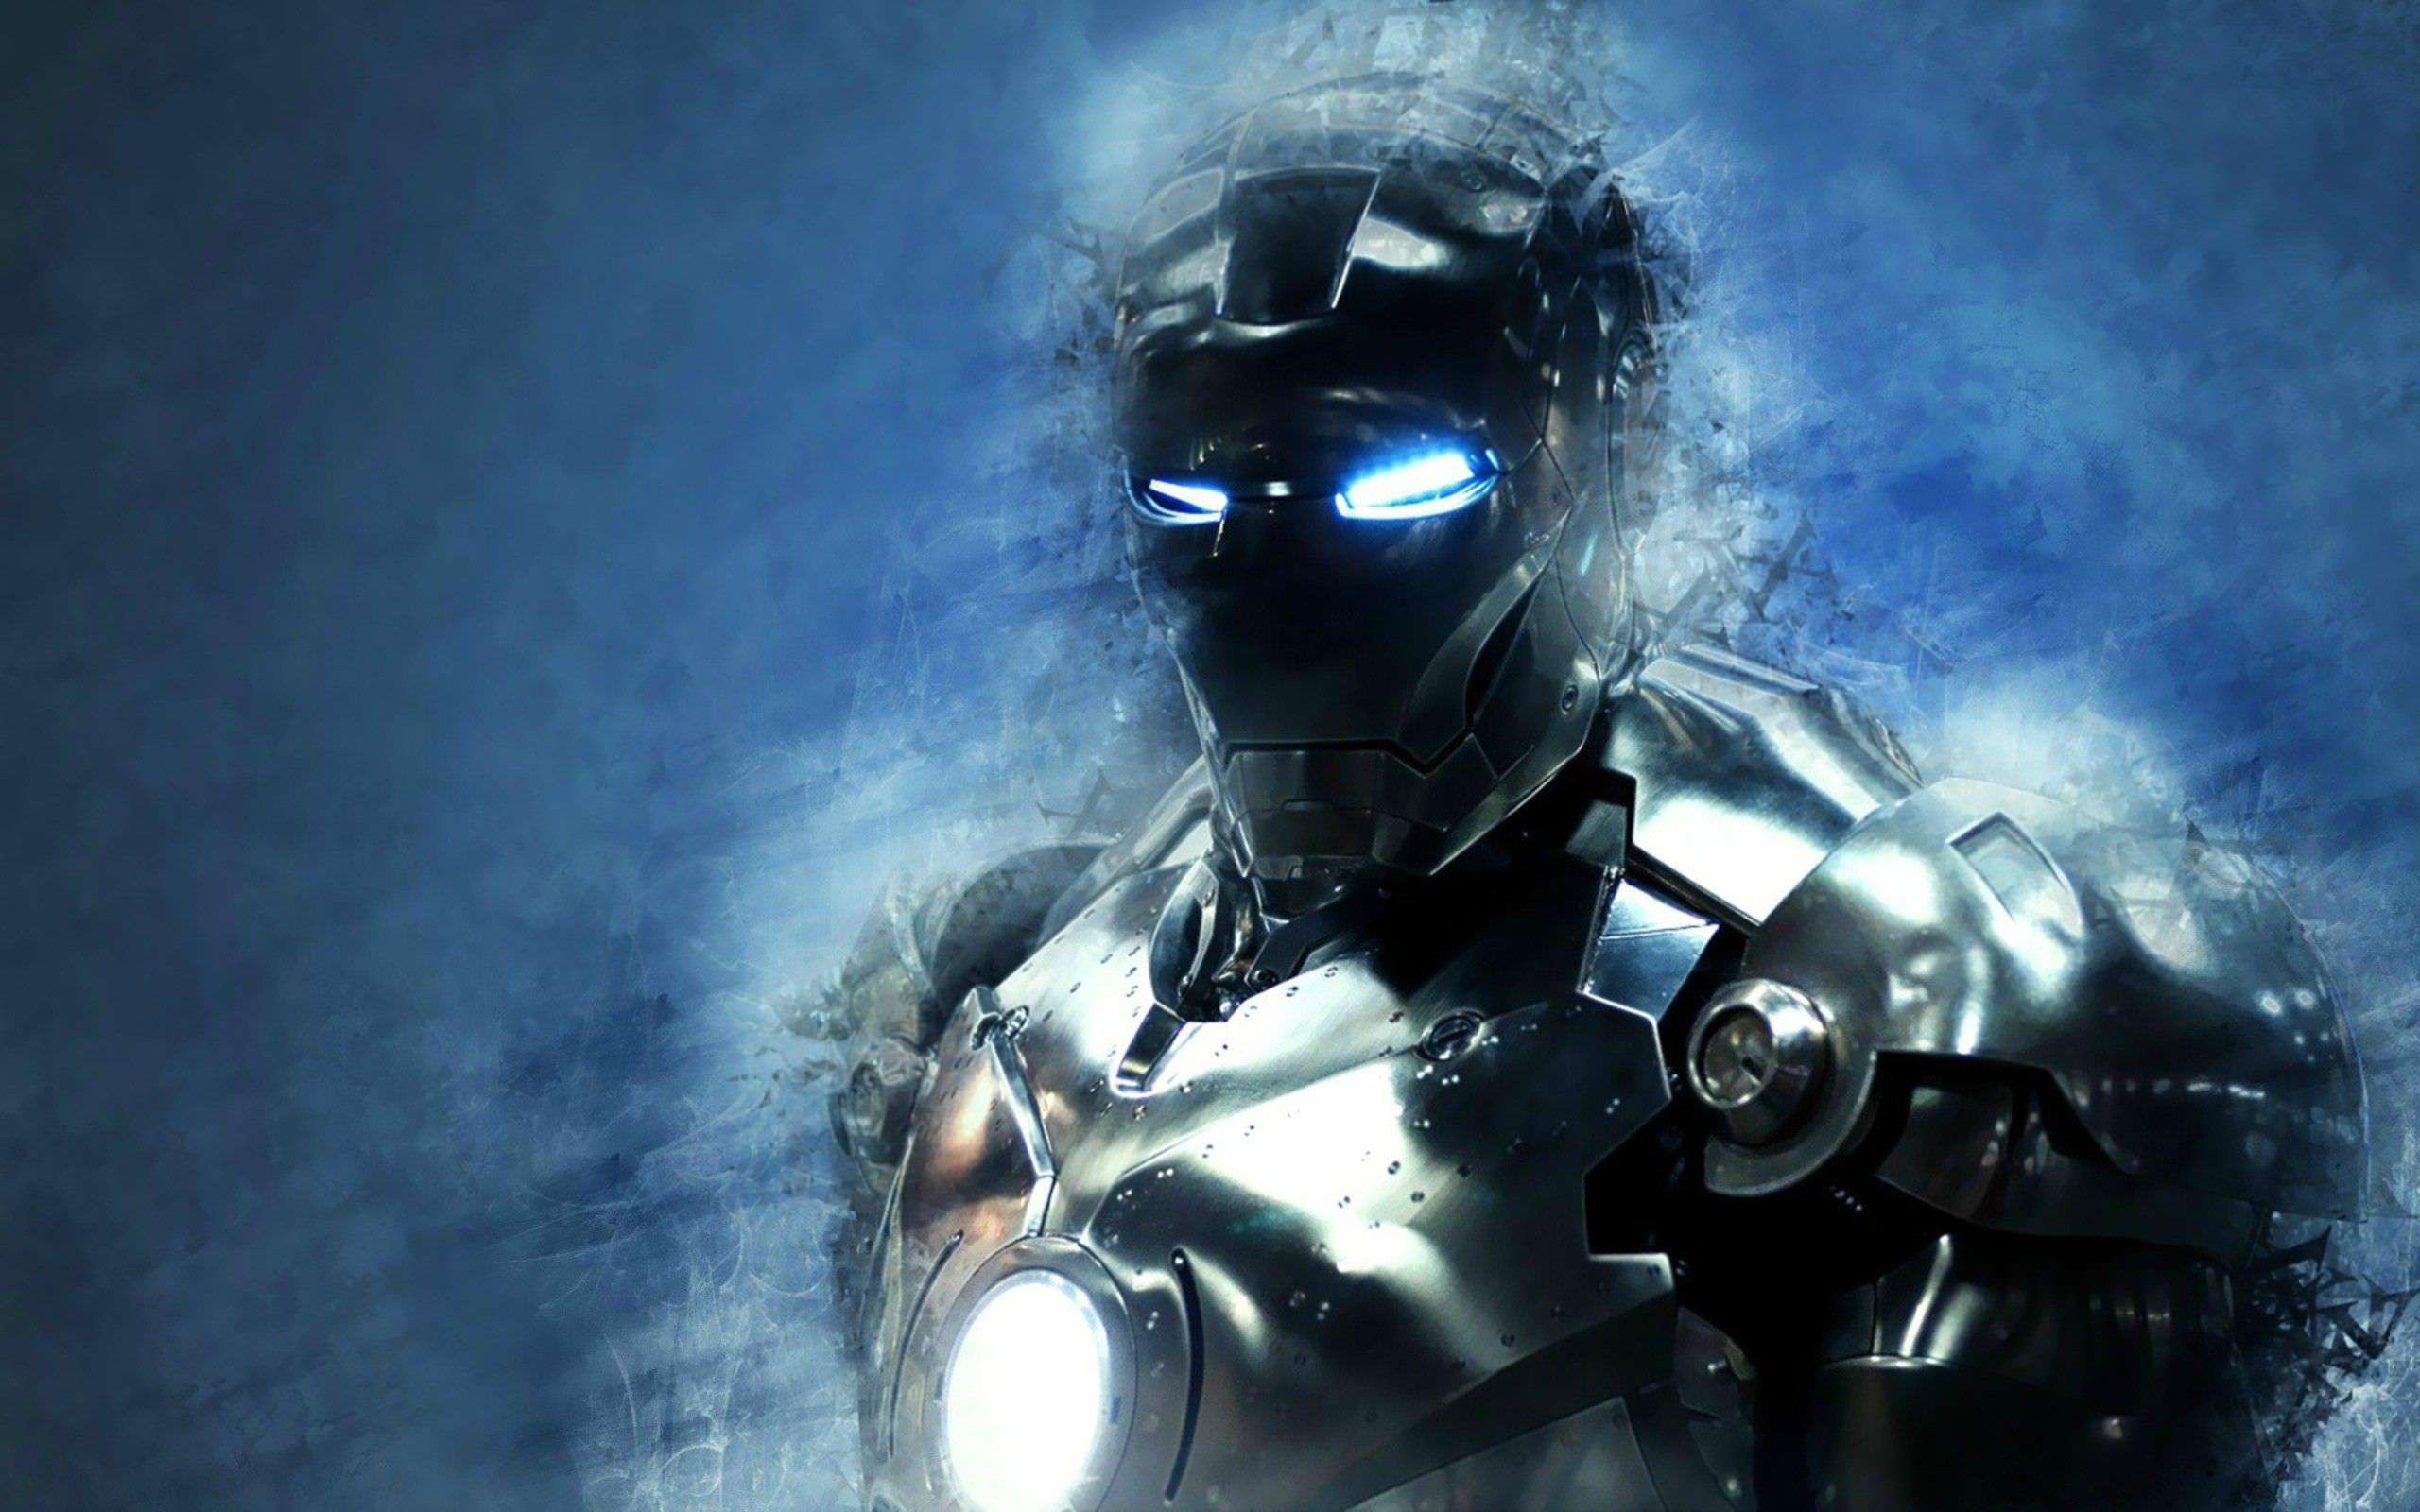 High resolution Iron Man Wallpaper